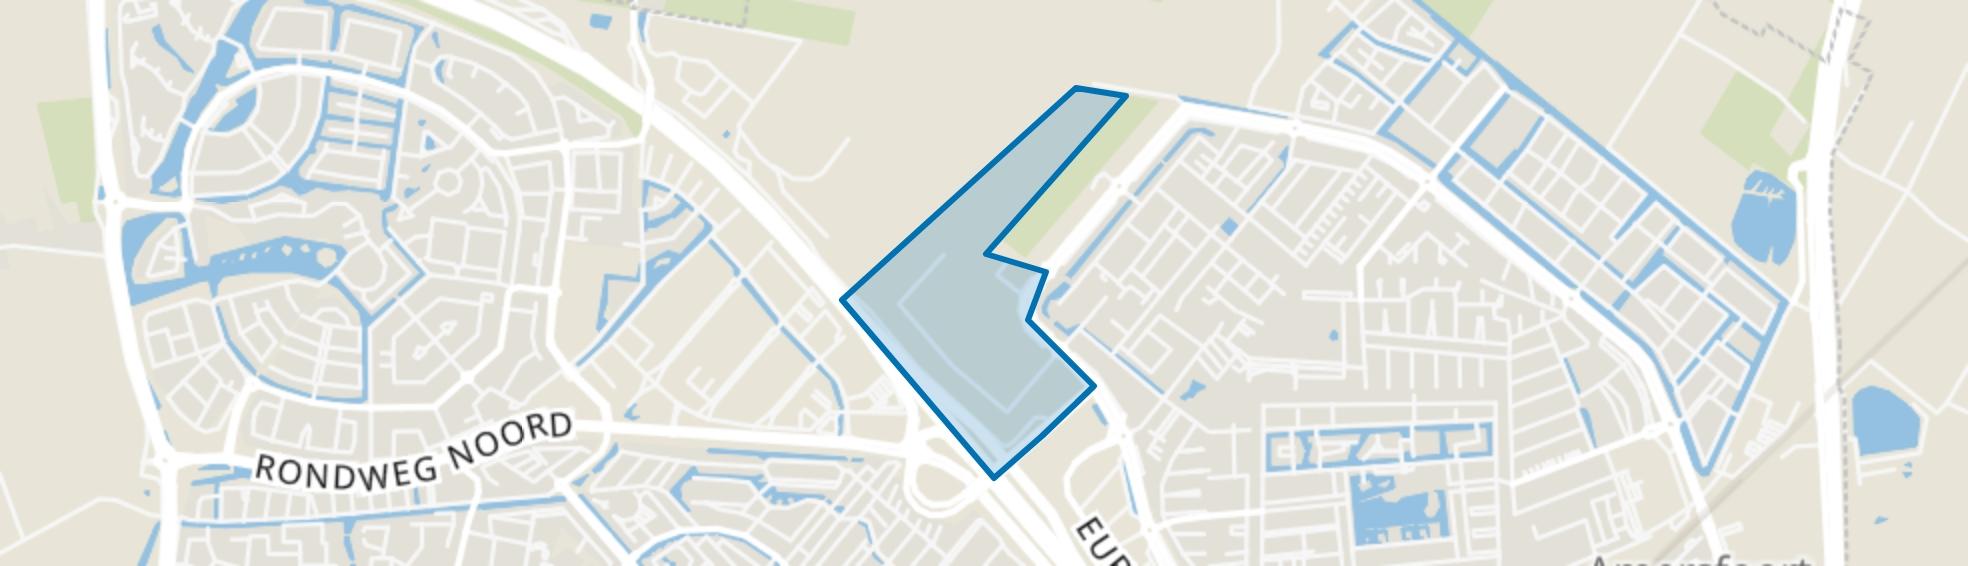 Reinier, Amersfoort map